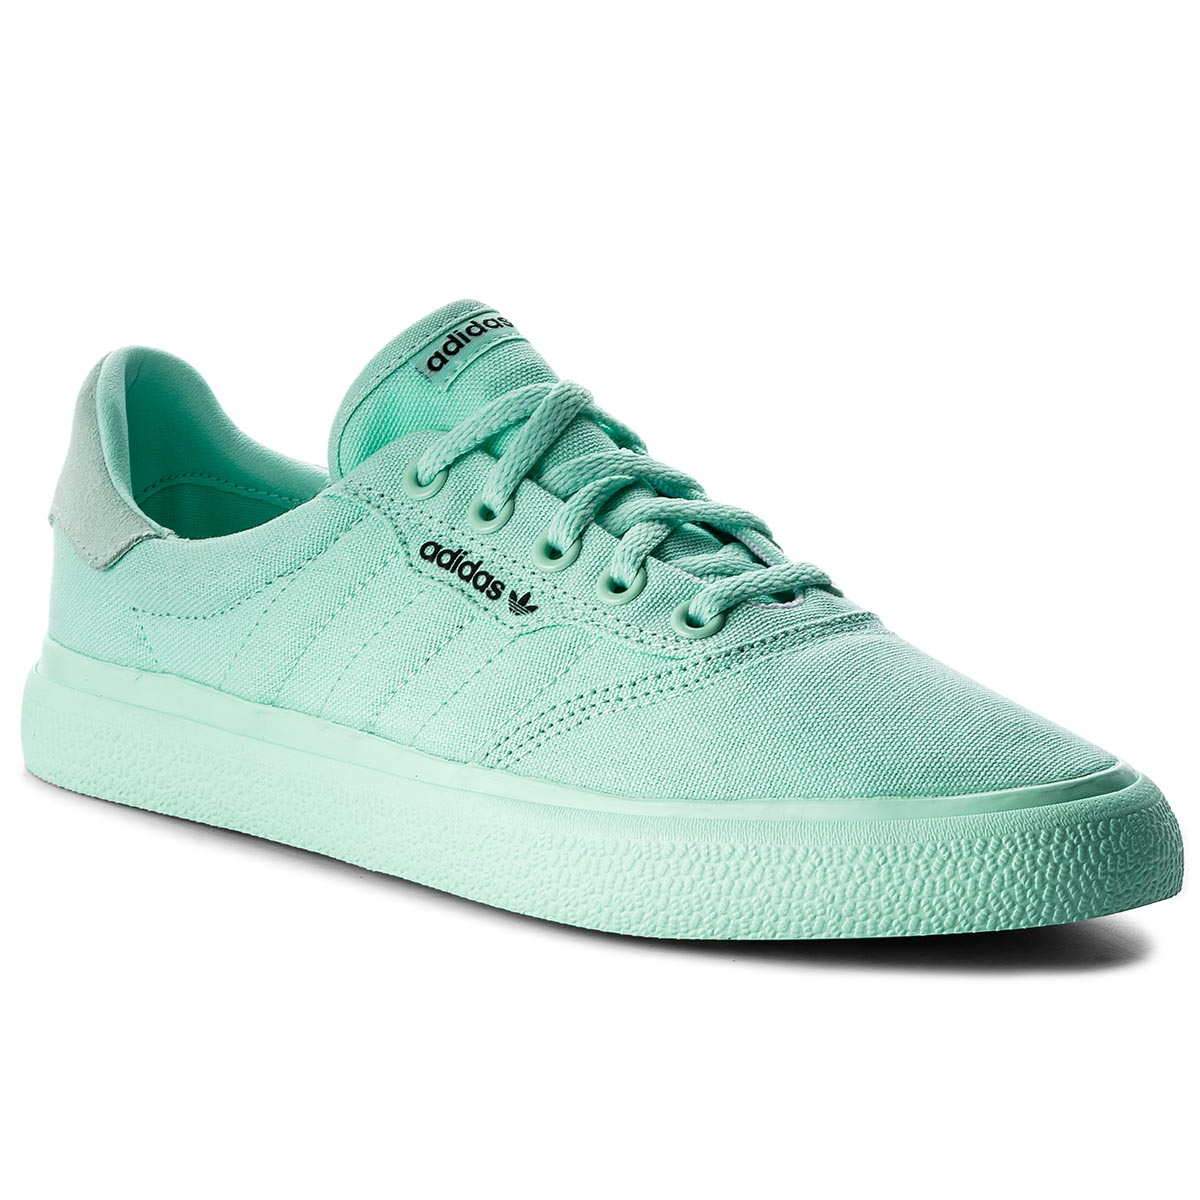 Shoes NIKE Free Rn 2018 Summer AO1911 700 Lemon Wash